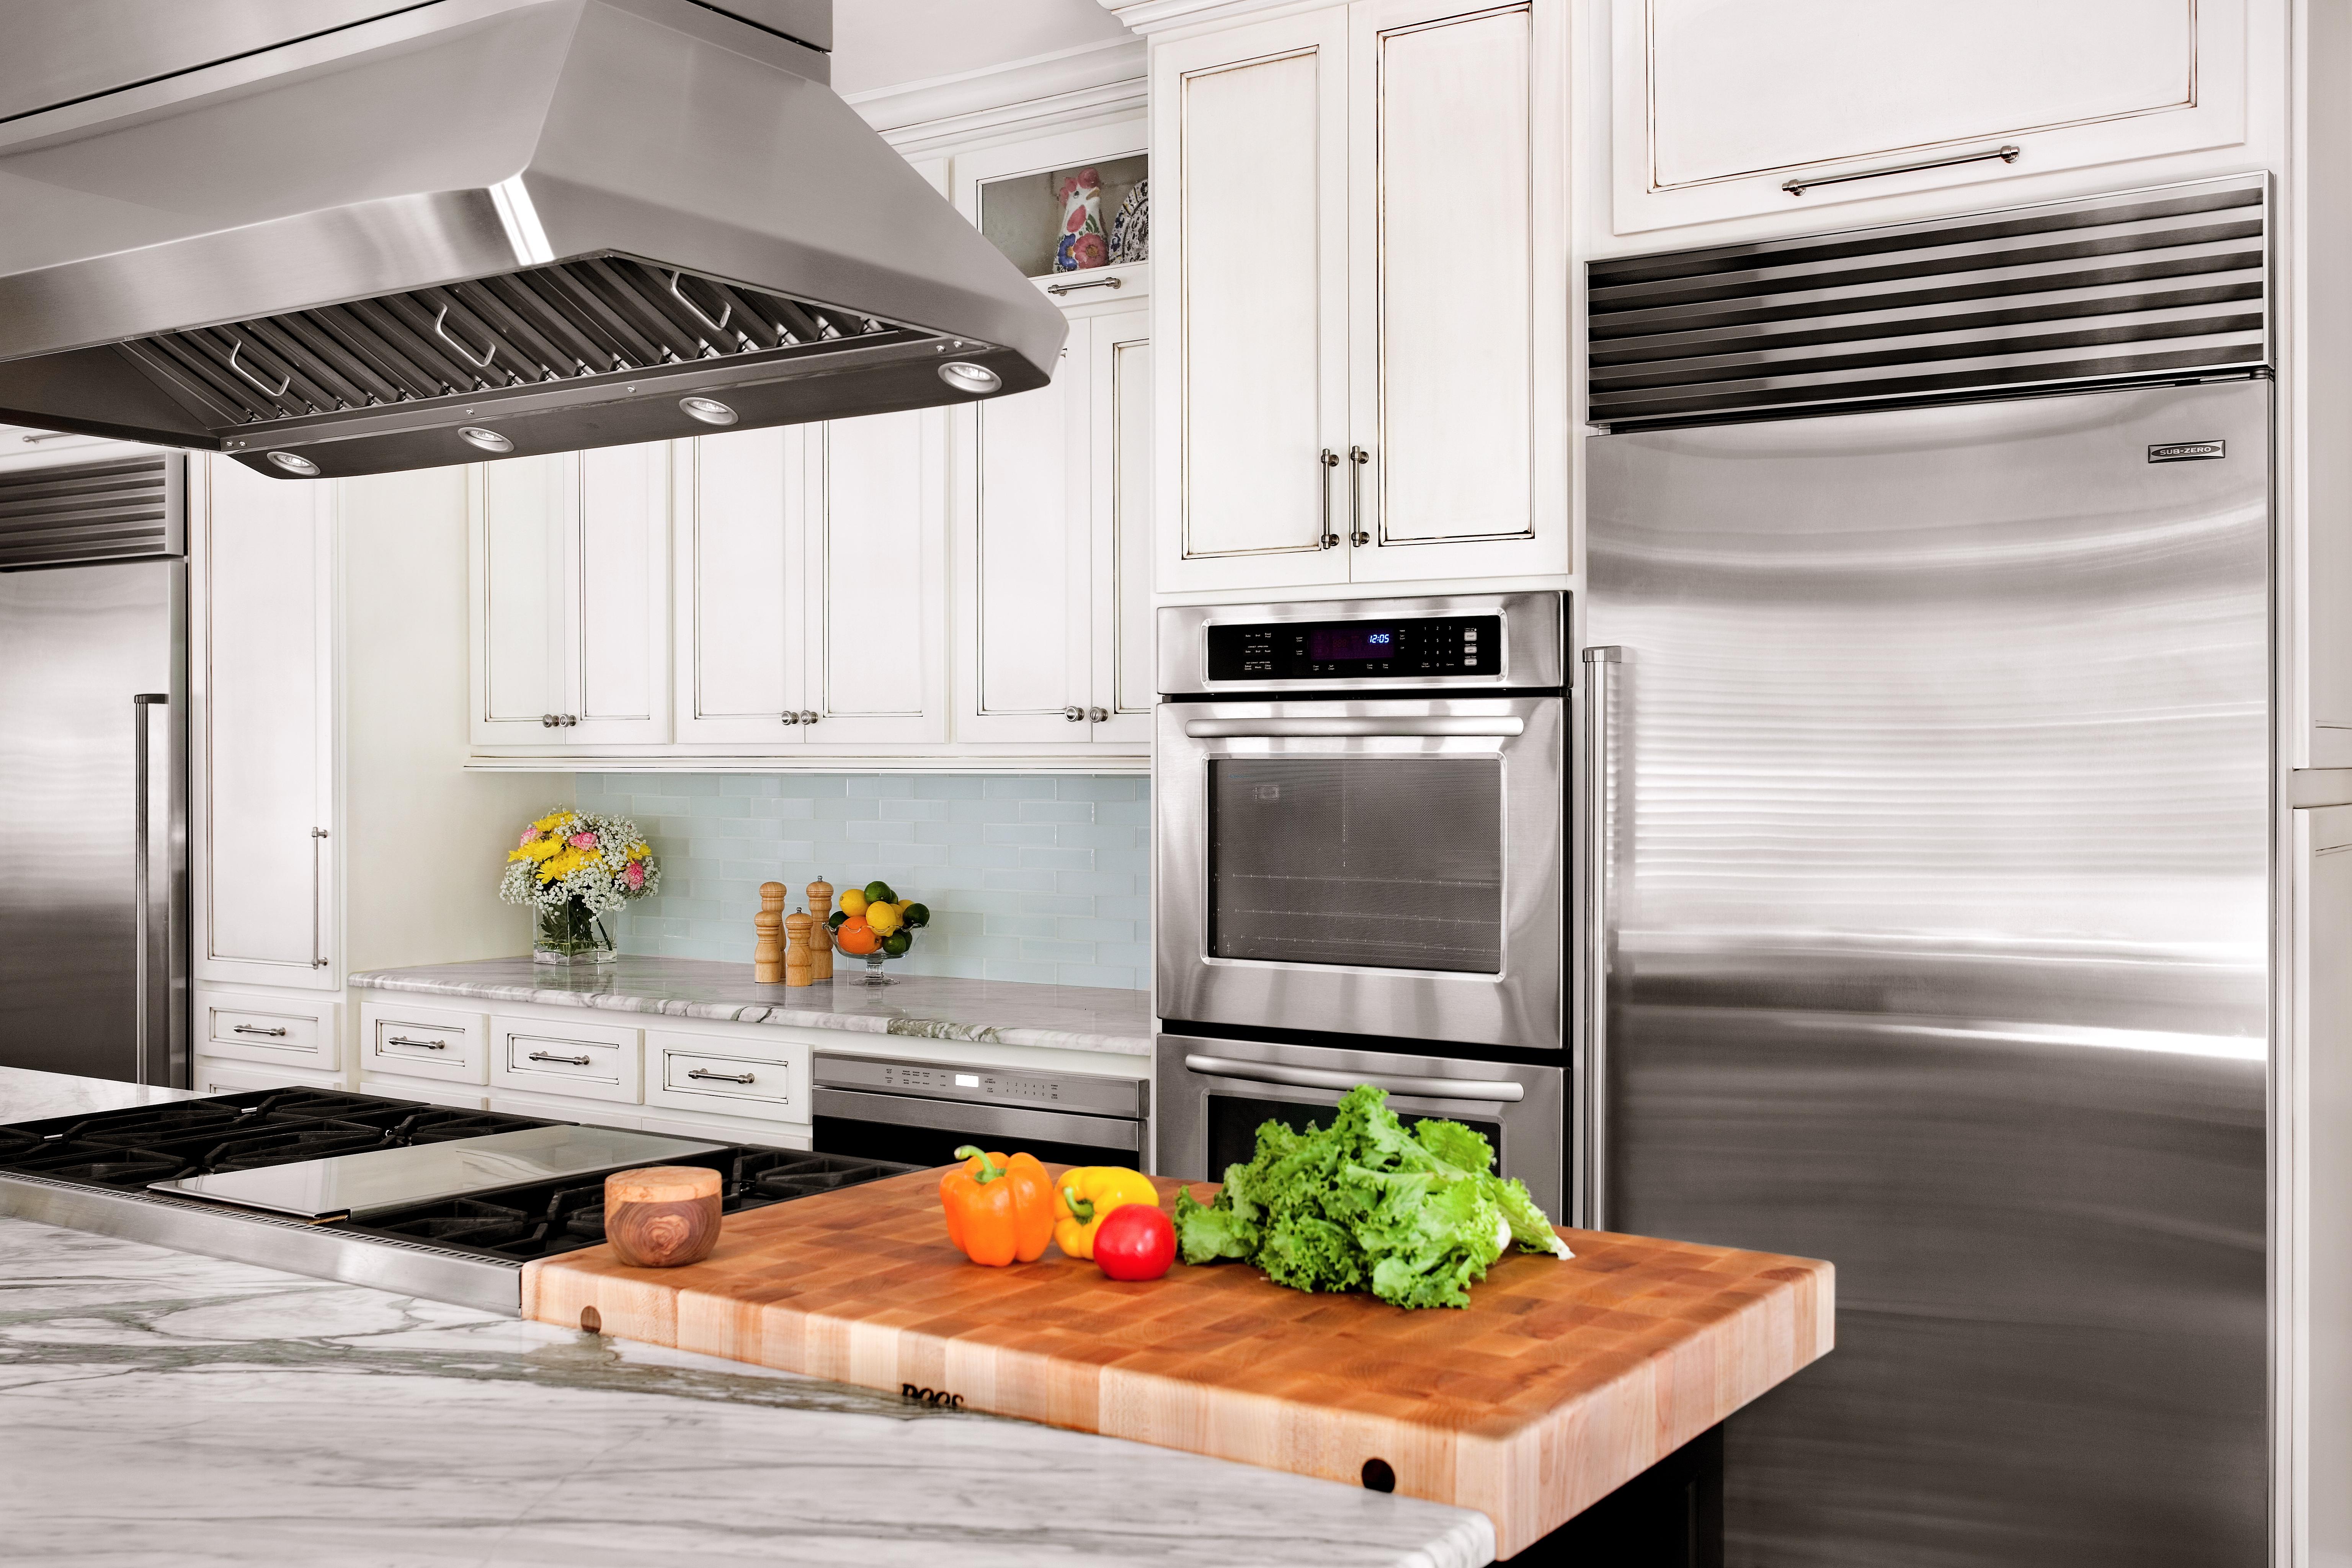 Chef themed kitchen decor photo - 2